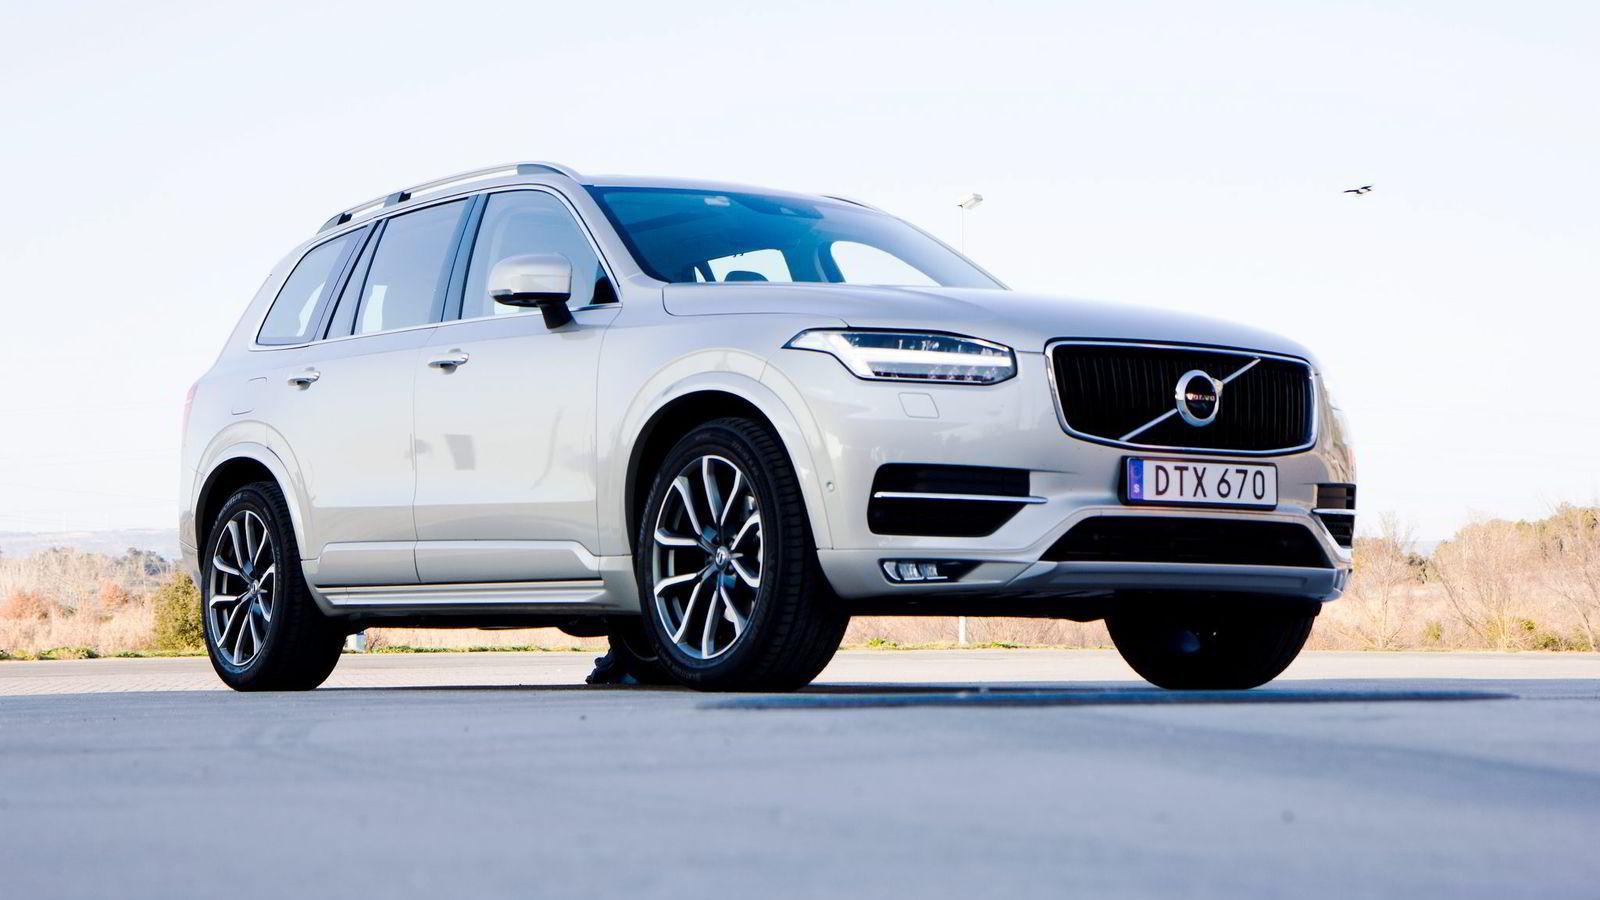 2015 ble et Volco XC90-år, sier Øystein Herland, administrerende direktør i Volvo Car Norway.